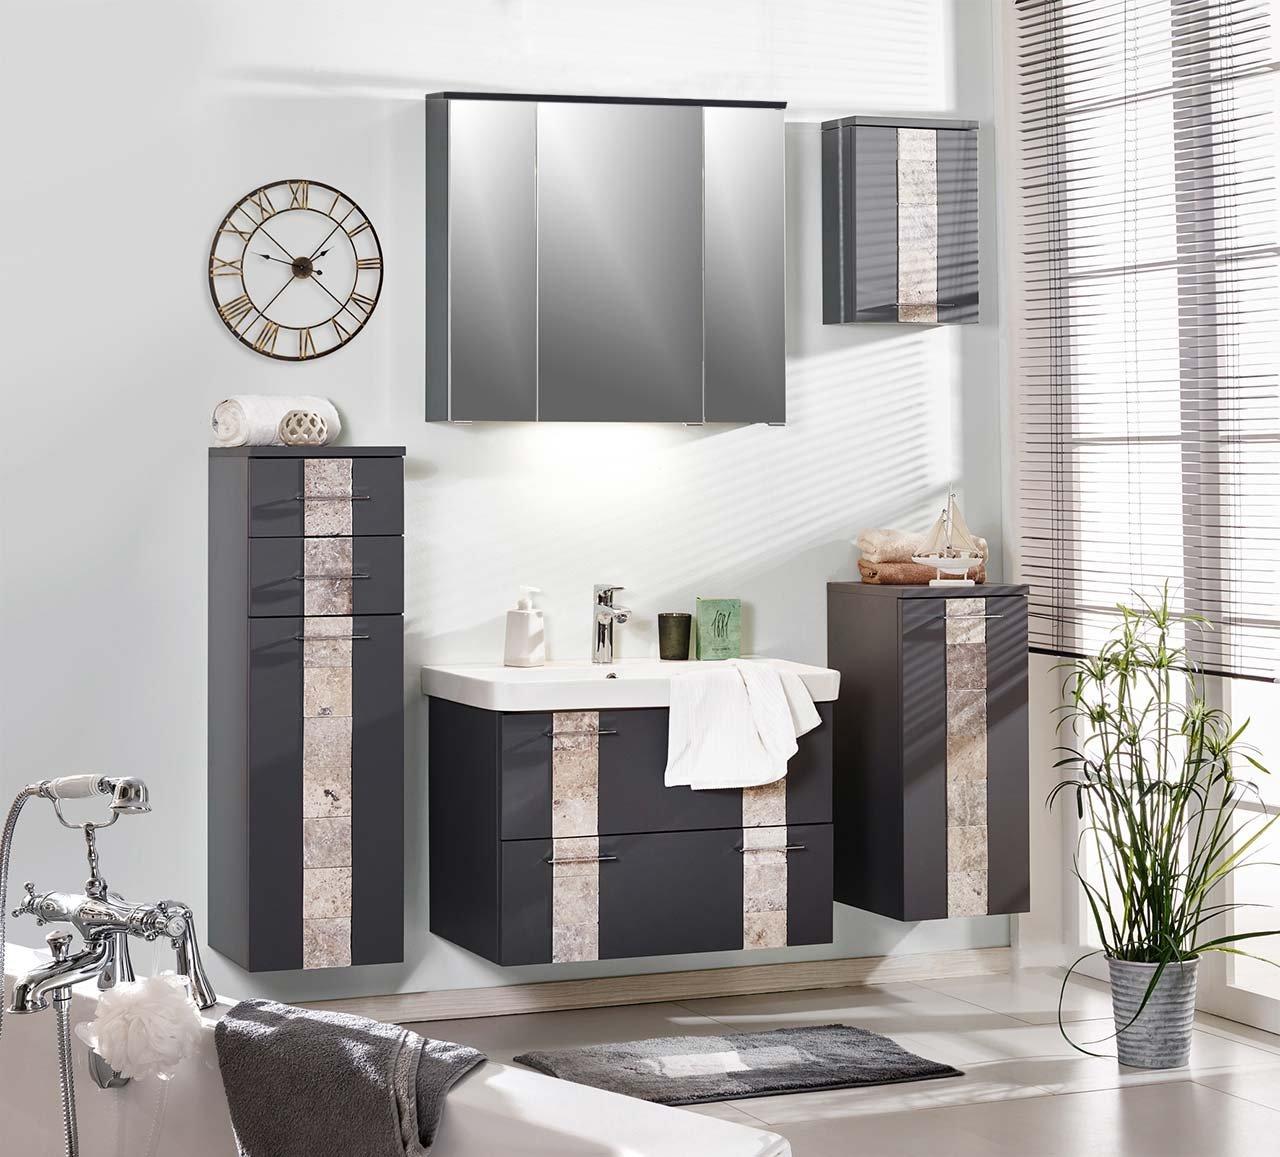 Badeinrichtung, Badezimmereinrichtung, Badmöbel, Komplettset, Badezimmer,  Modern, Grau, Spiegelschrank, Waschtisch, Waschbeckenunterschrank, ...